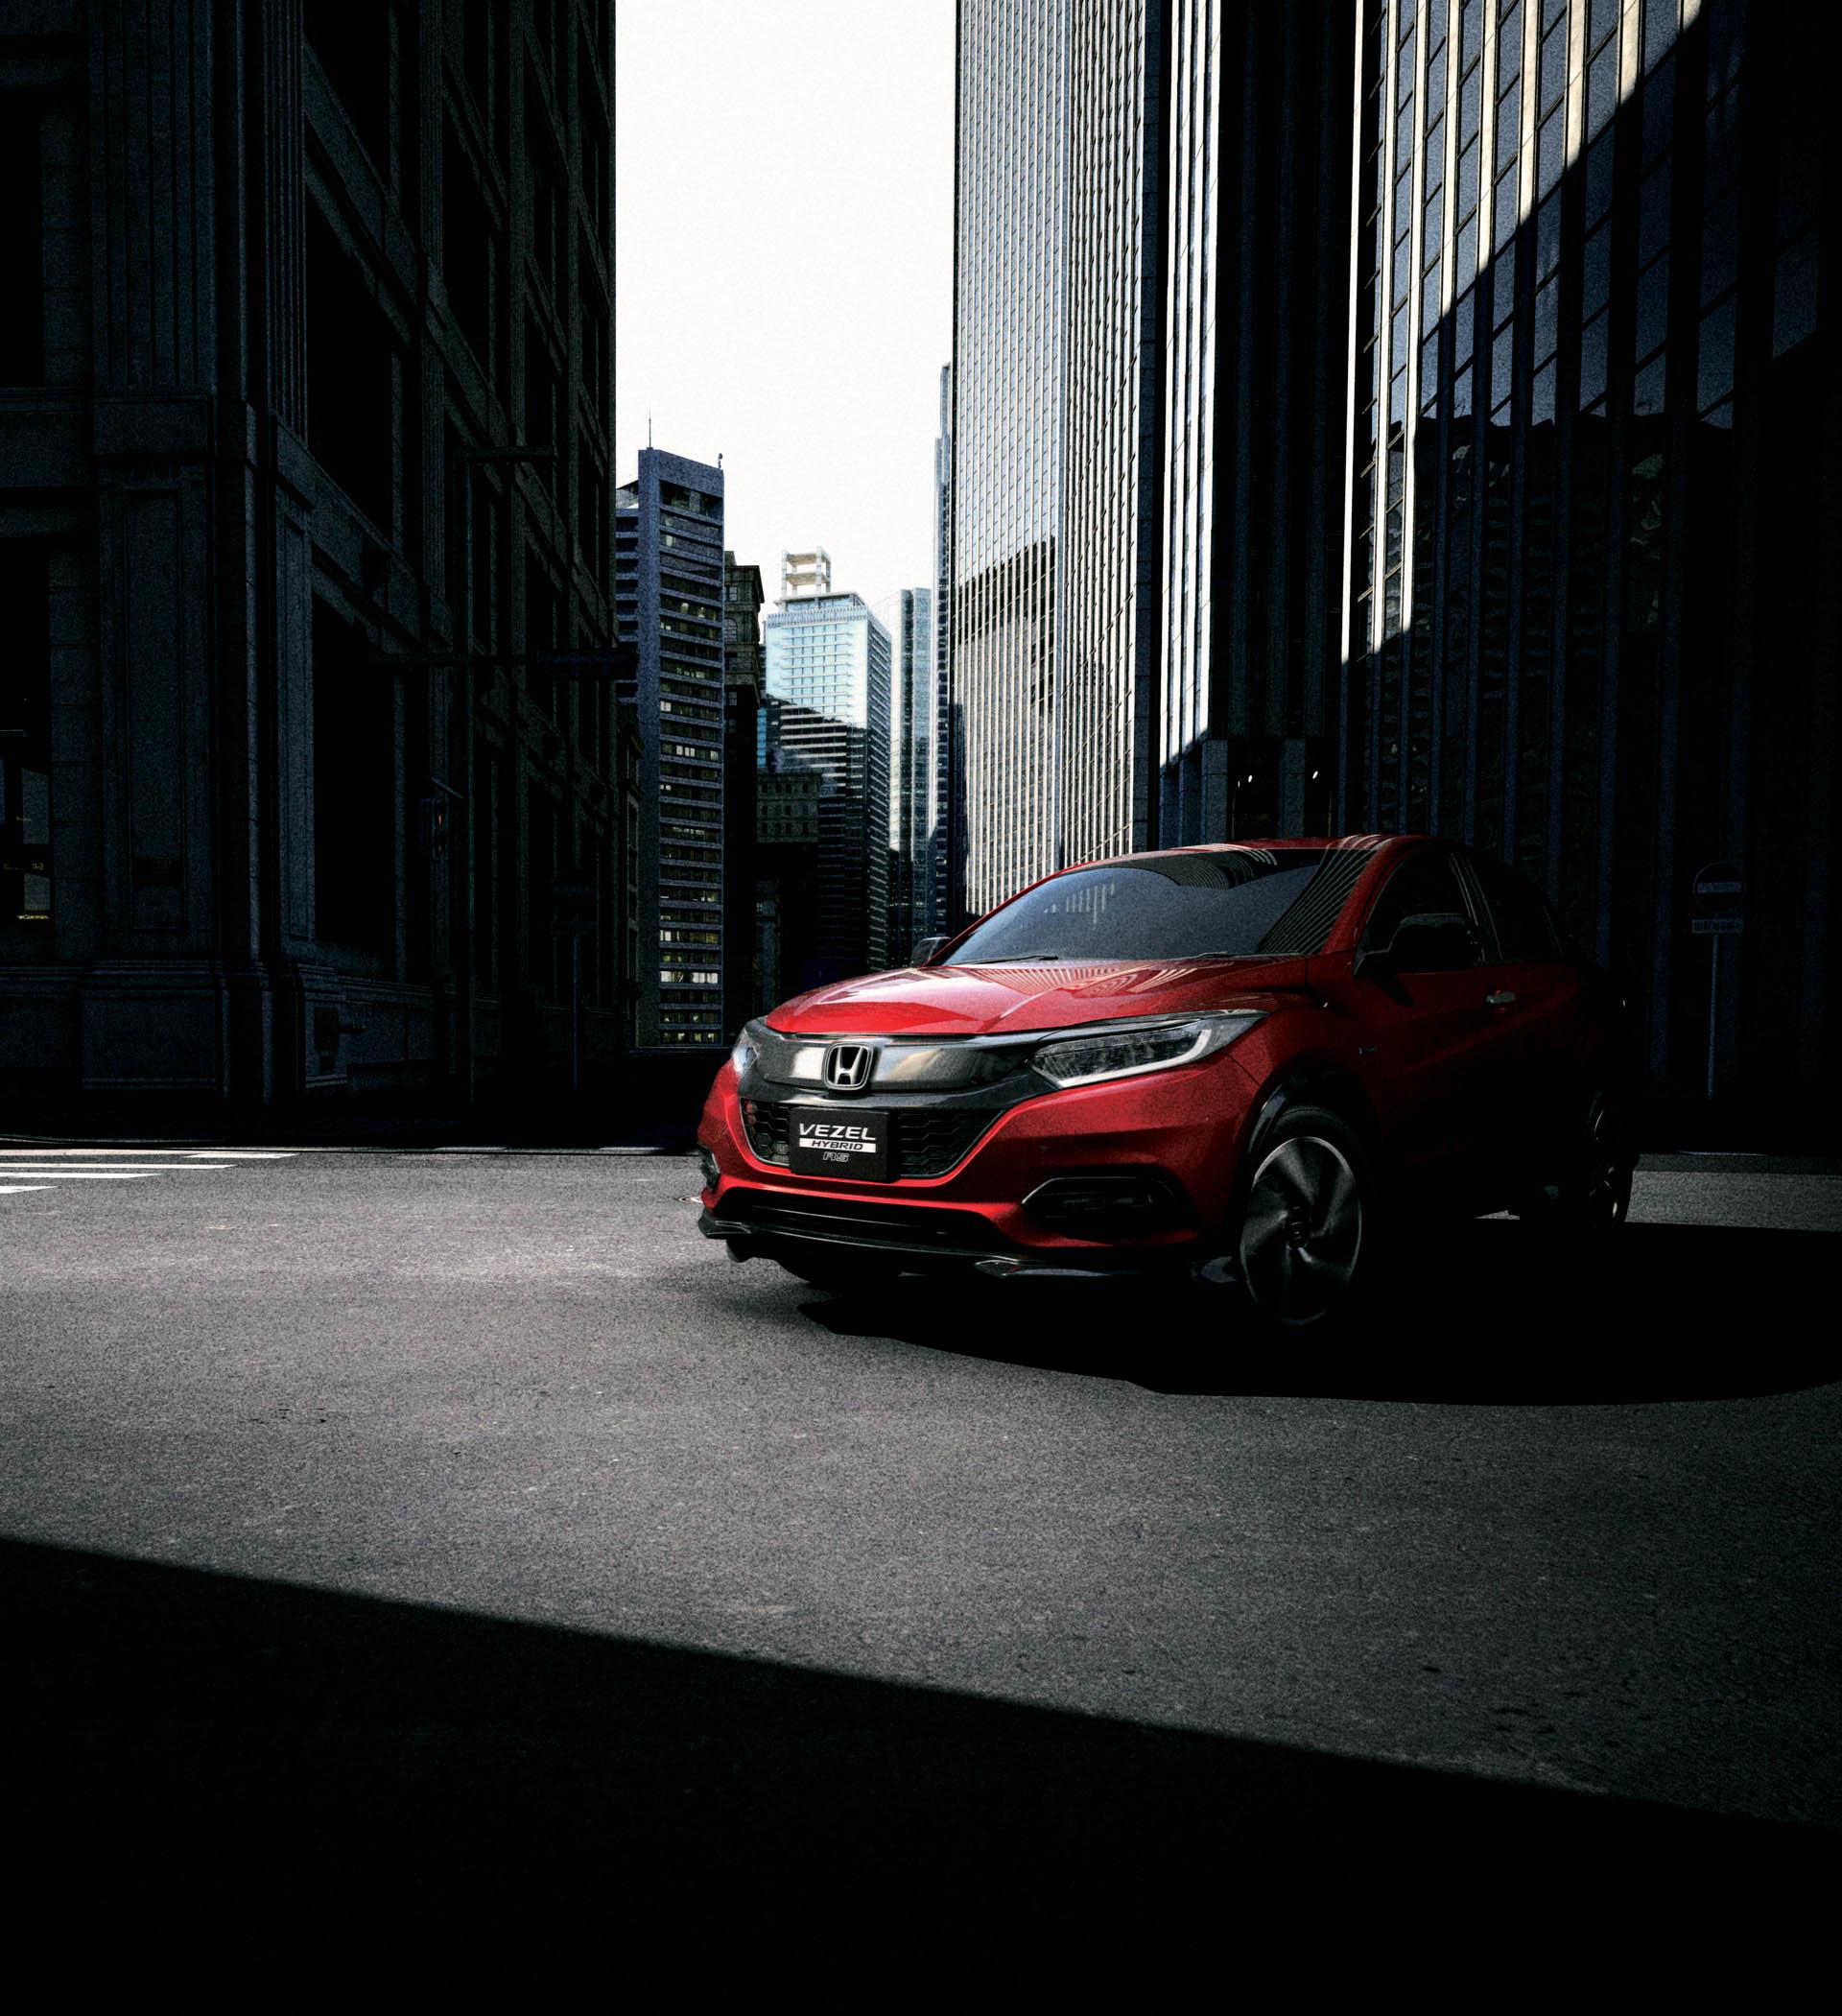 2019 Honda HR-V Facelift Launched In Japan As New Vezel